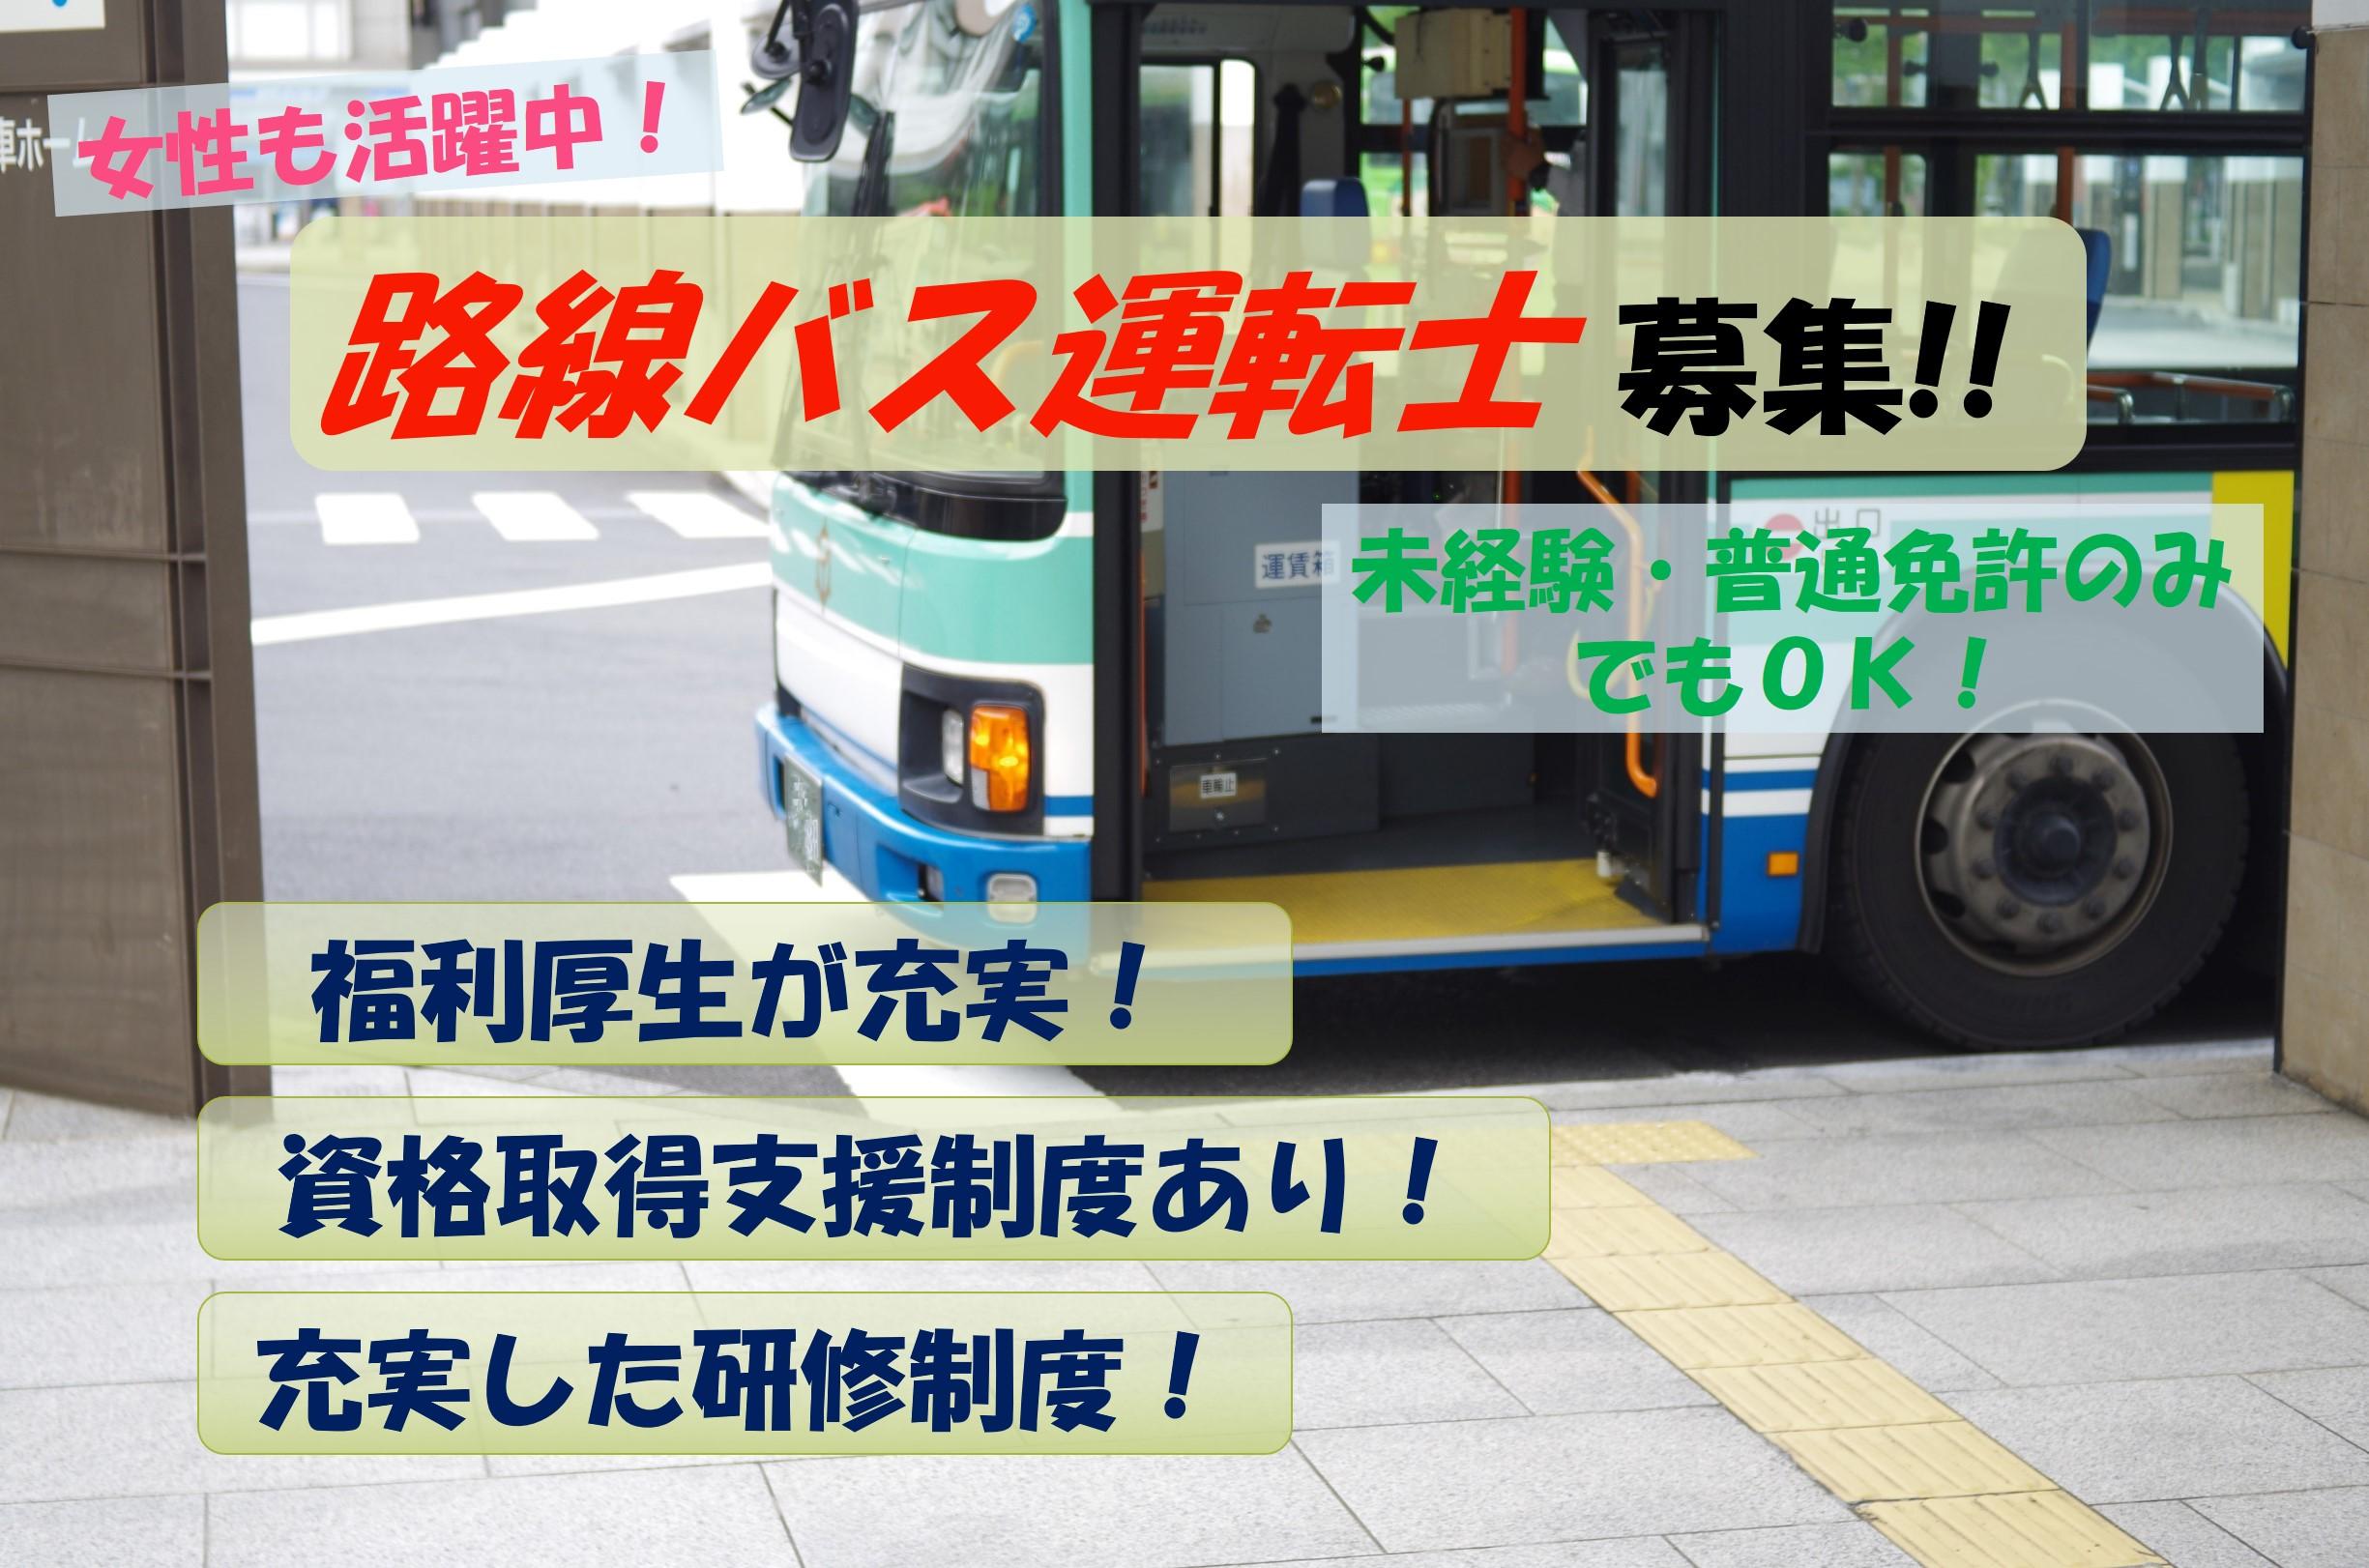 充実した研修で知識や技術がしっかり身につく!免許養成制度アリ!路線バス運転士募集 イメージ